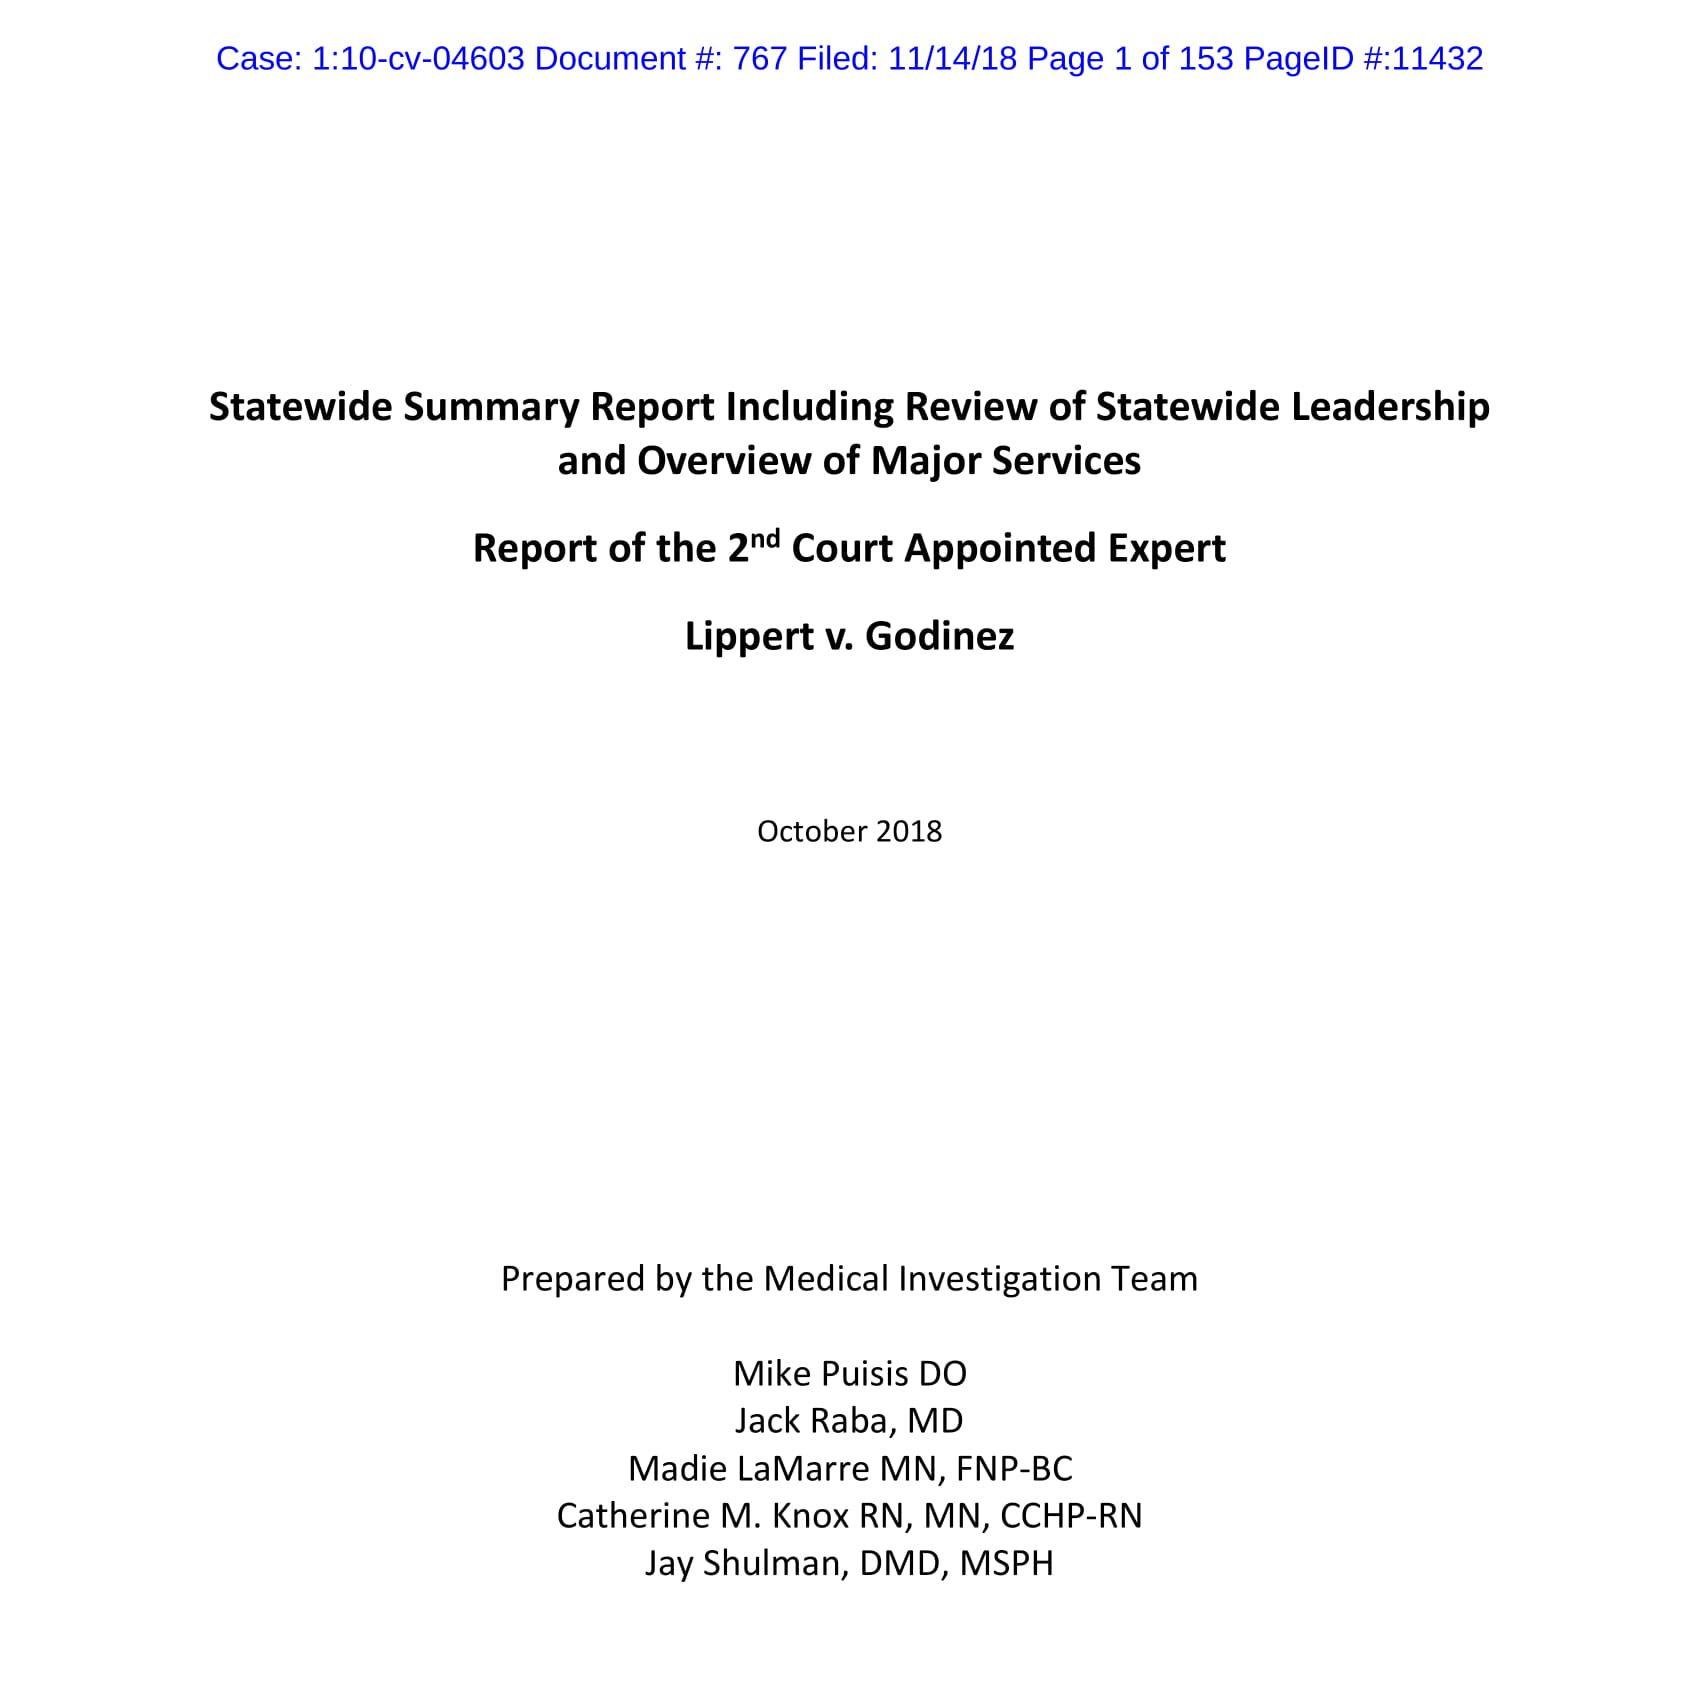 Lippert v. Baldwin: 2nd Expert Report (2018)